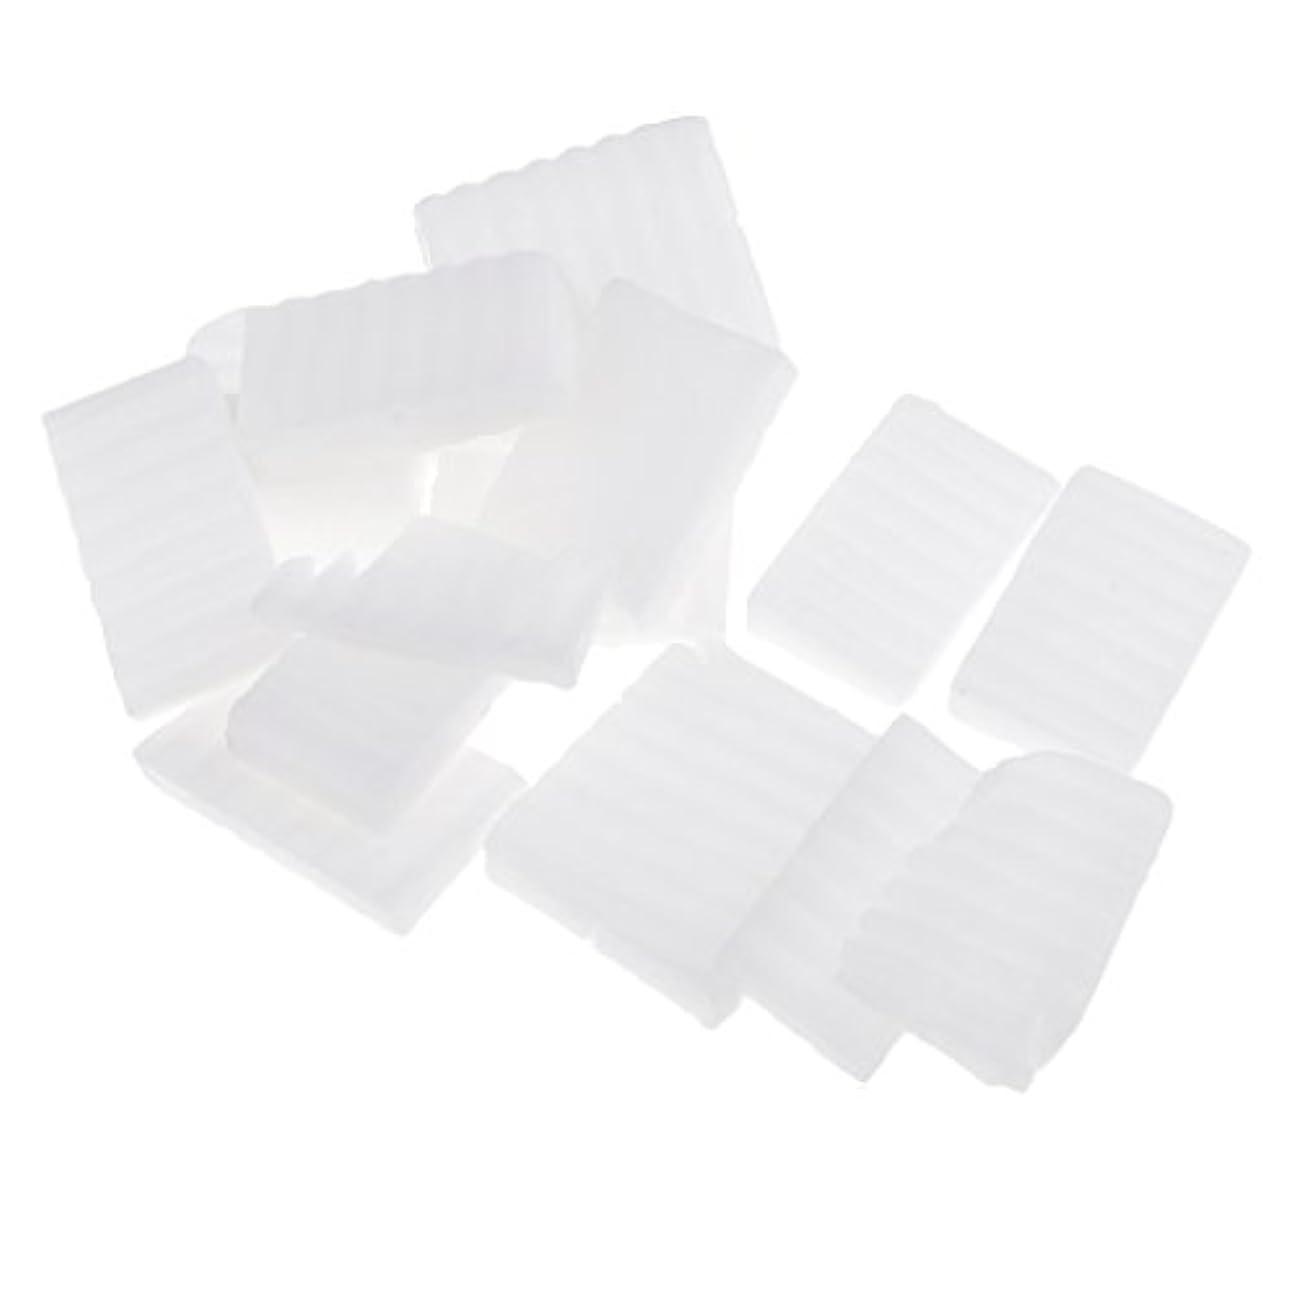 抗生物質テスト放つPerfeclan 約500g ホワイト 石鹸ベース DIY 手作り 石鹸 材料